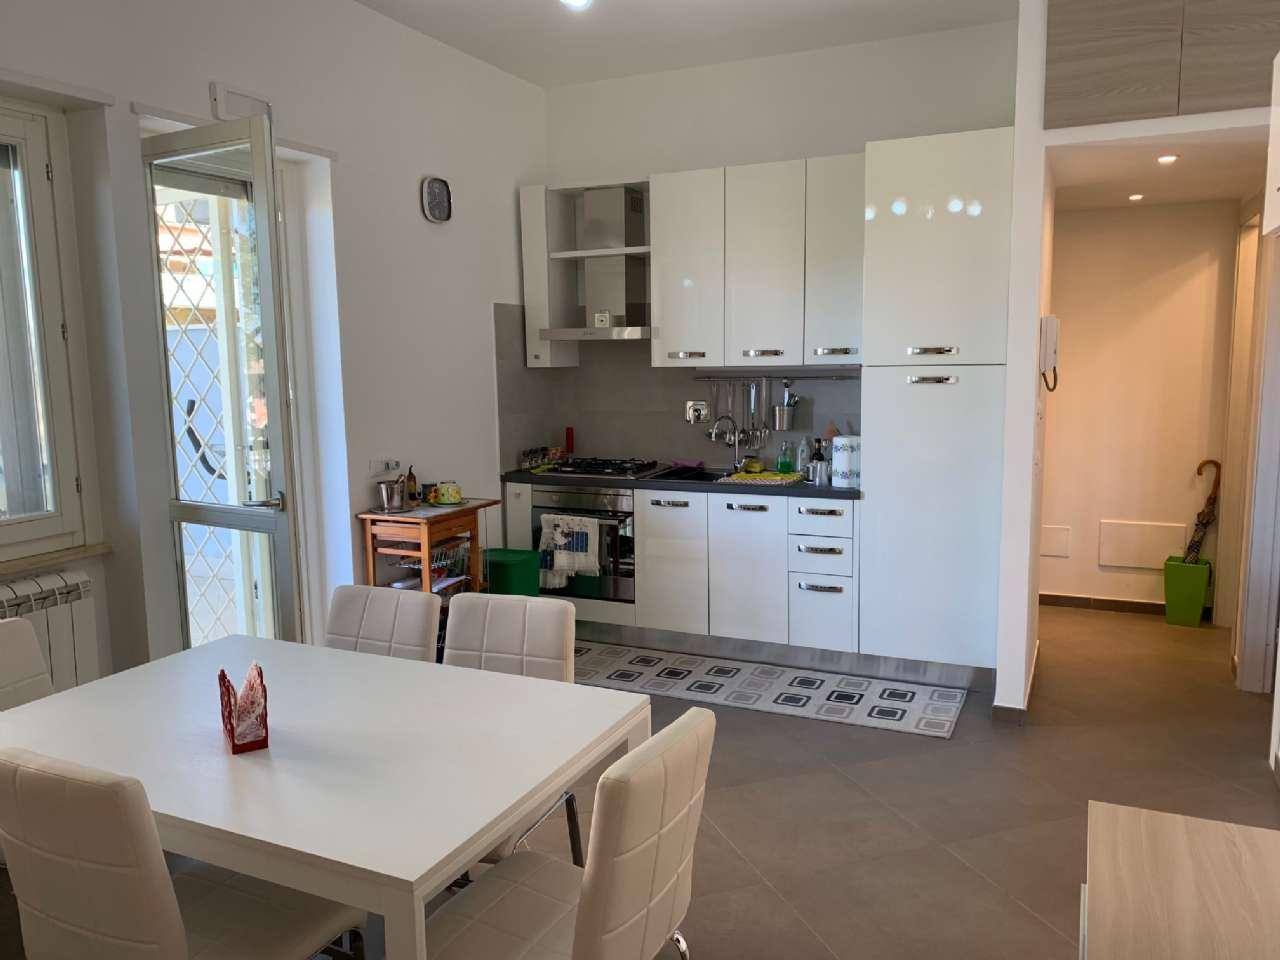 Appartamento in vendita a Fonte Nuova, 2 locali, prezzo € 124.000 | PortaleAgenzieImmobiliari.it